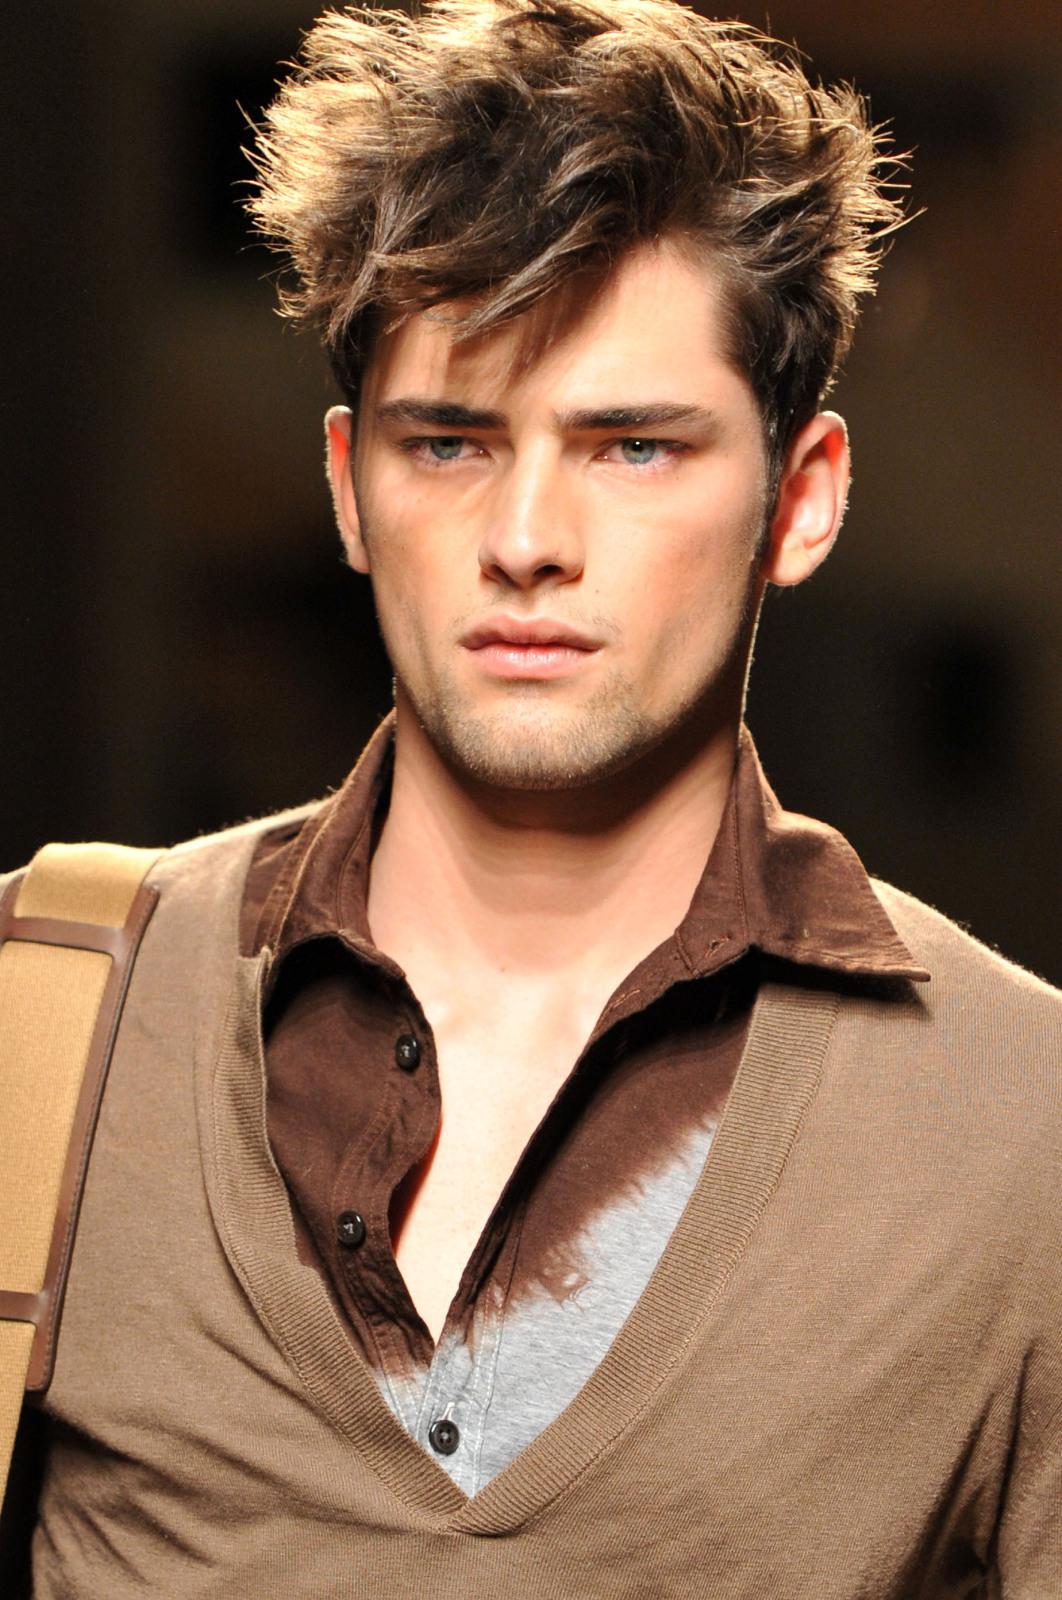 Sean O Pry Model Yusrablog Com